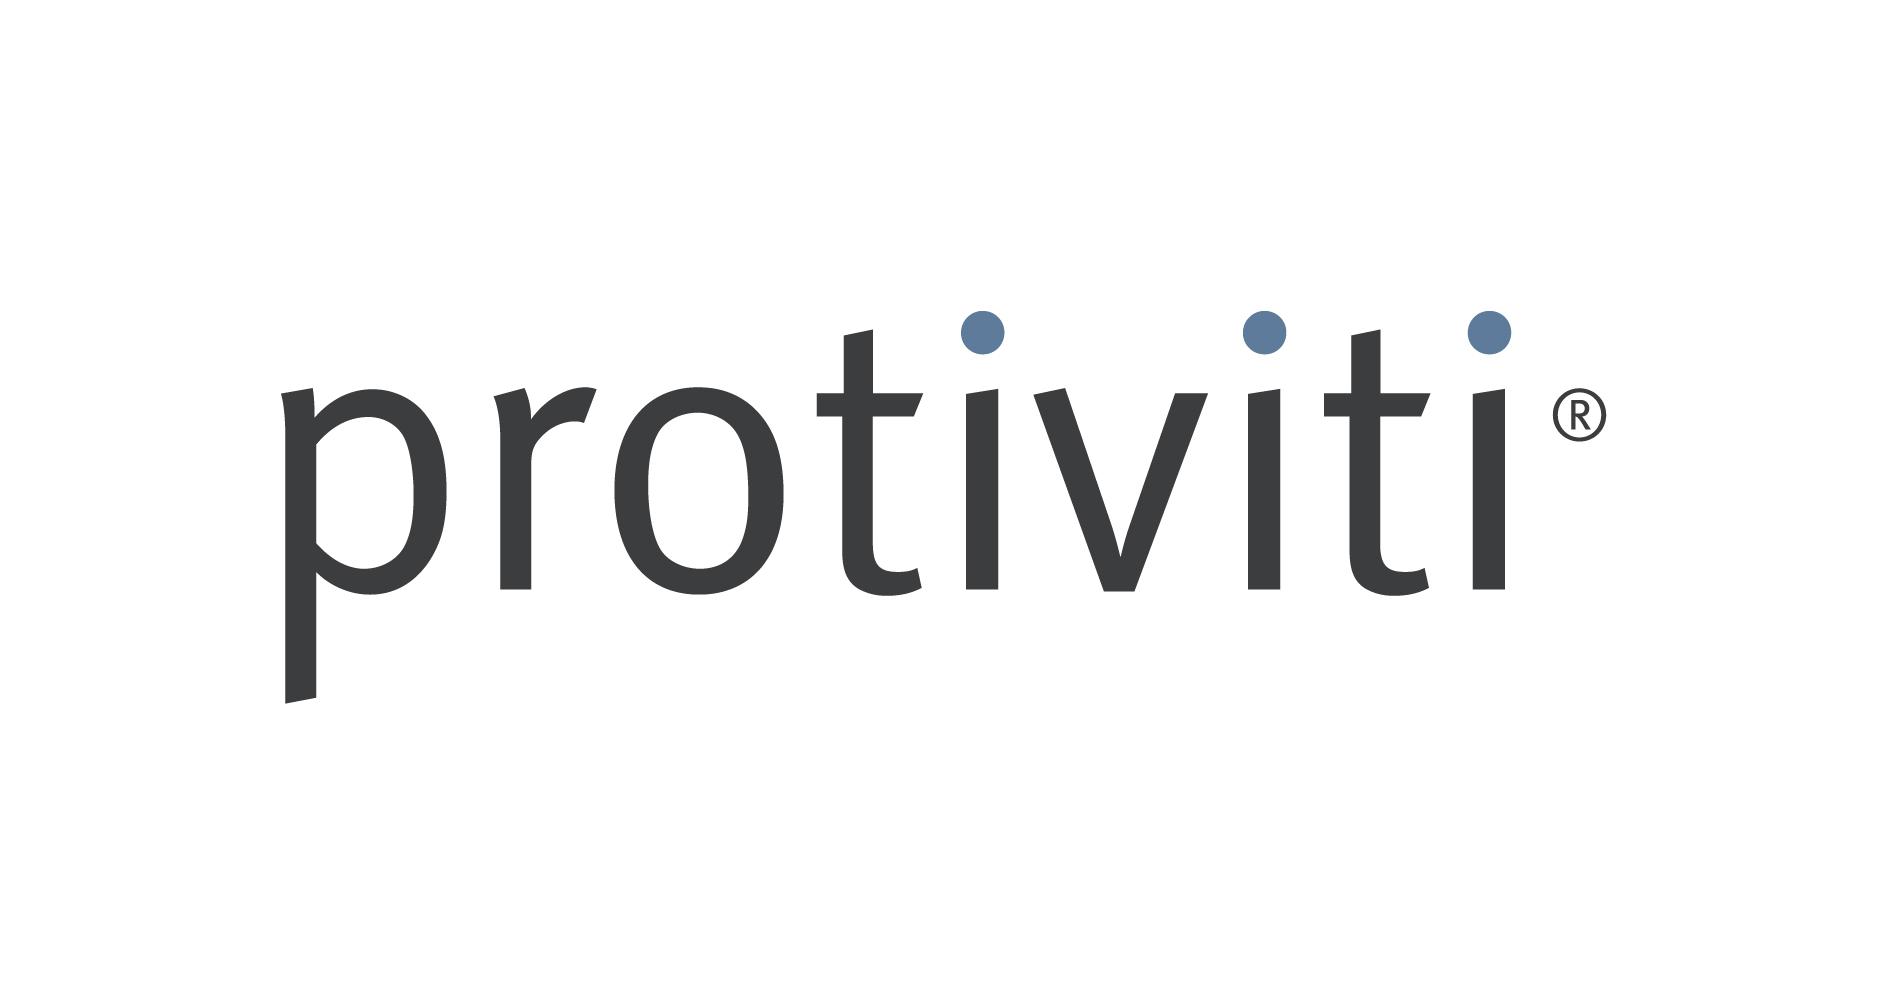 Protiviti company logo